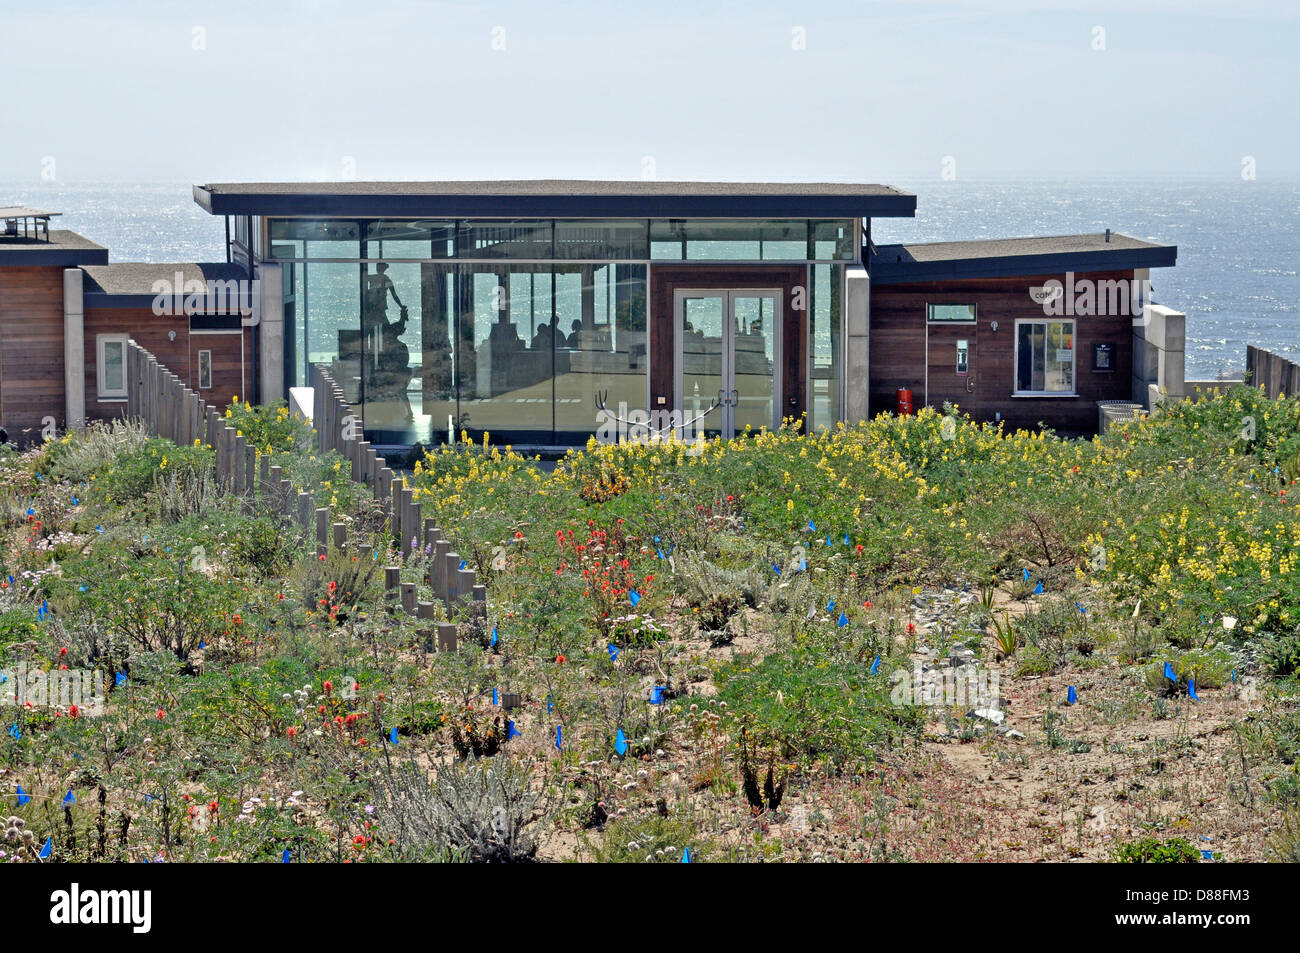 Golden Gate National Park Lands End Lookout visitor center - Stock Image